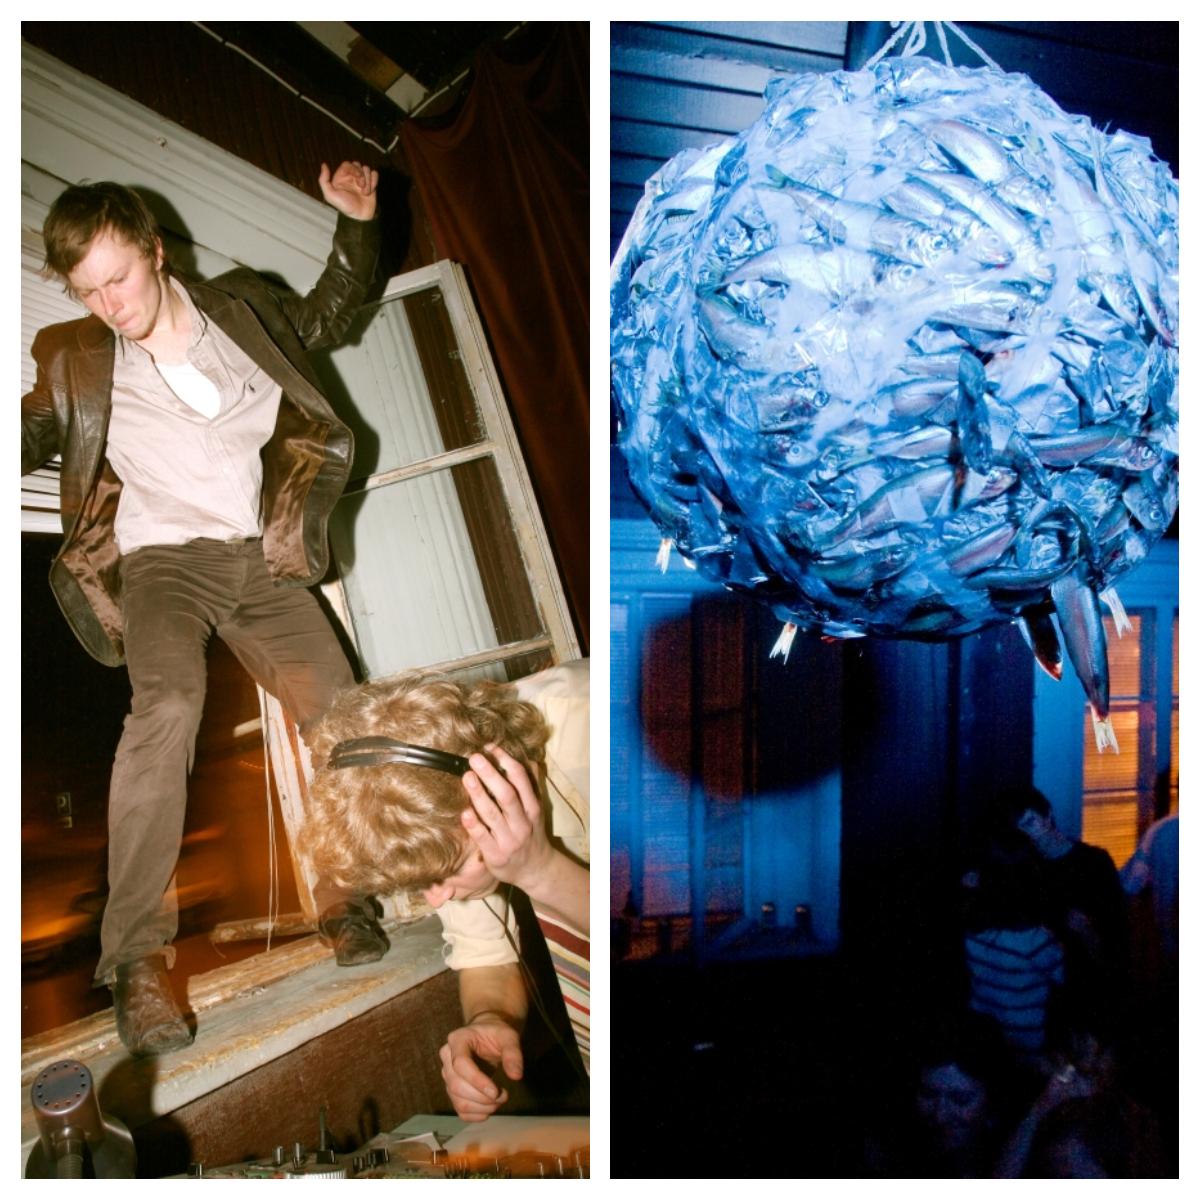 2007. aasta novembris Genialistide Klubis toimunud Vastiku Disko peosaali kaunistav kiludest diskokera hoidis peo nime väärikat lippu kõrgel. Vasakpoolne pilt pärineb sama peosarja 2008. aasta märtsis toimunud ürituselt, kus kasutati ruumipuuduse tõttu tantsuks kõiki Genialistide Klubi horisontaalseid pindu. Madis Ligema stiilinäide aknalauatantsust, paremal Gregor Taul. Fotod: Lauri Kulpsoo